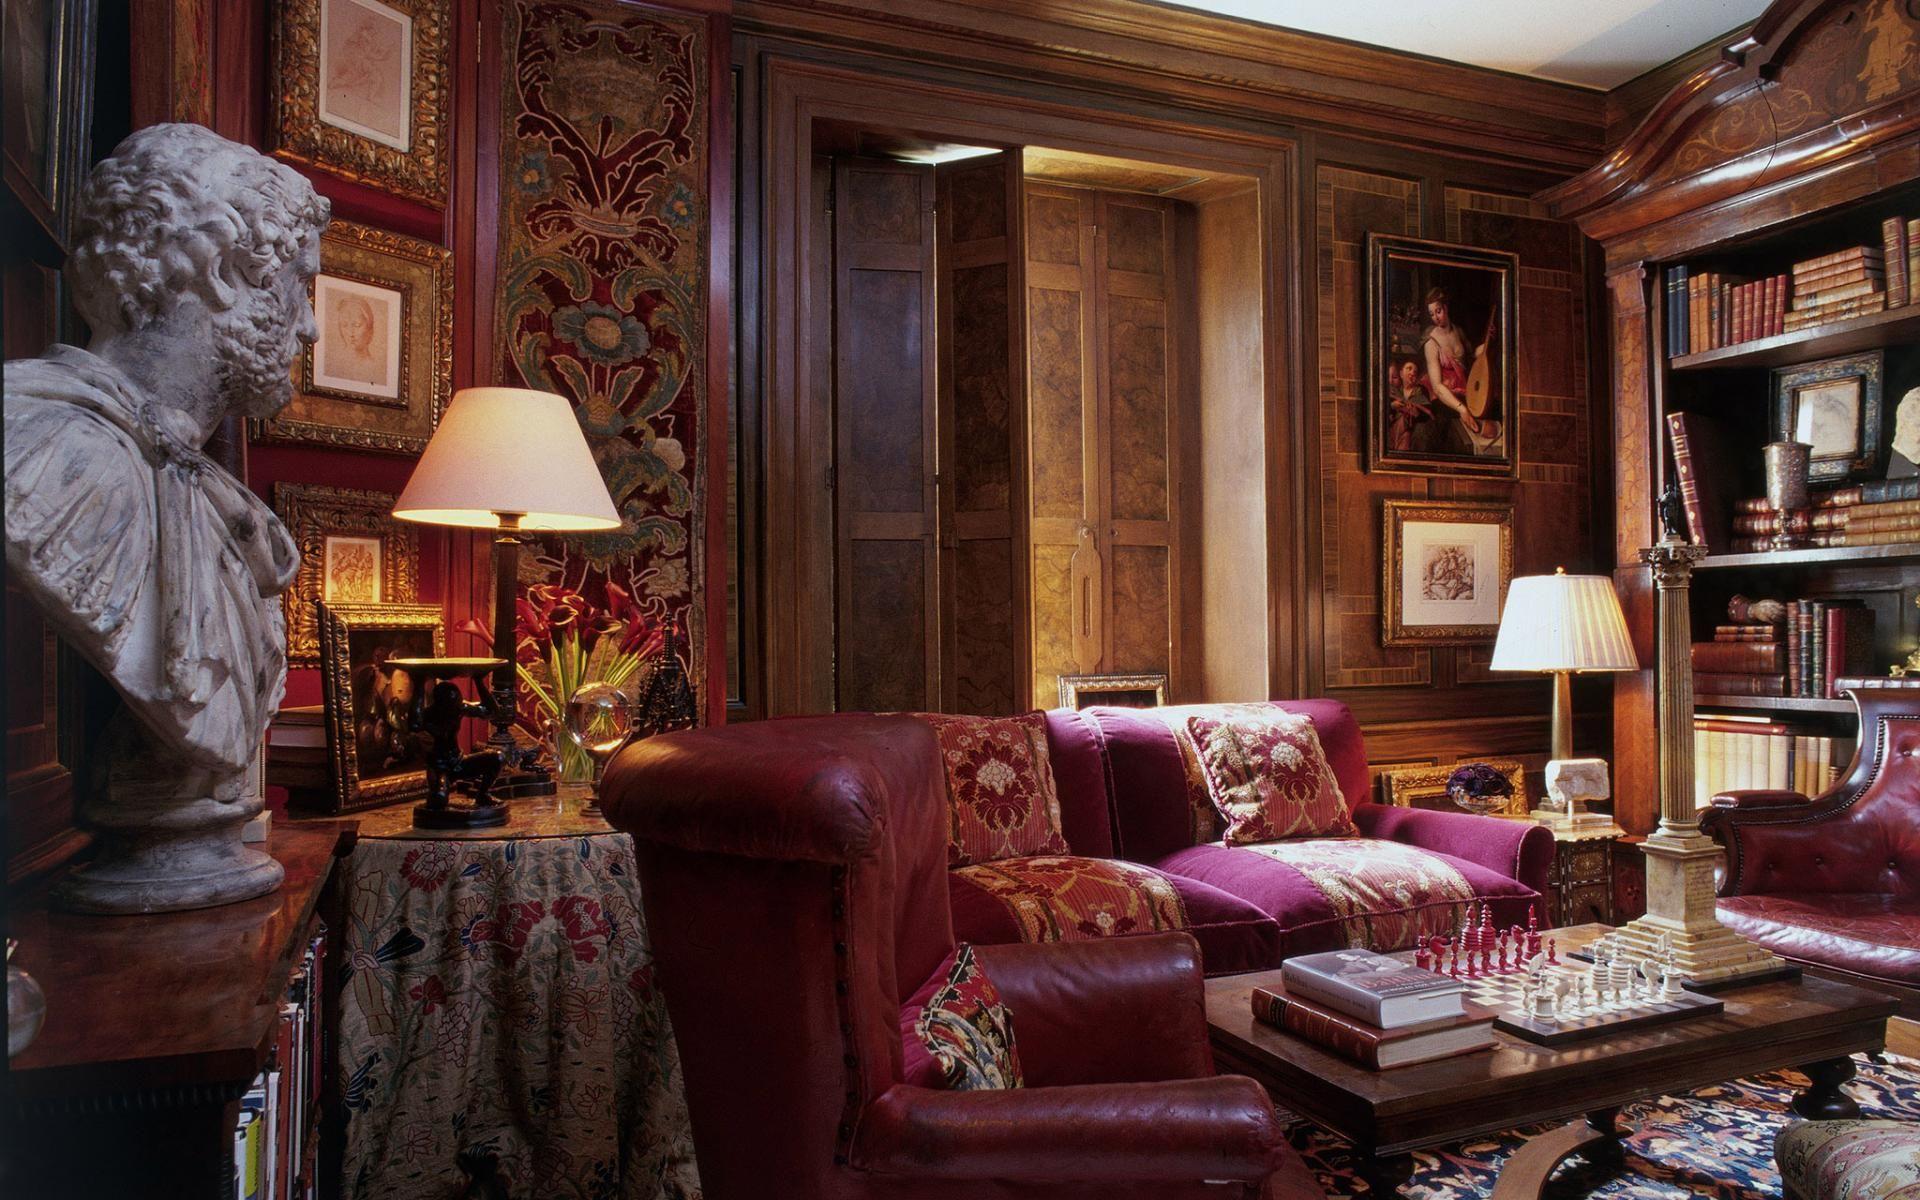 Dekorowanie wntrz interiordesign Interior Design Pinterest